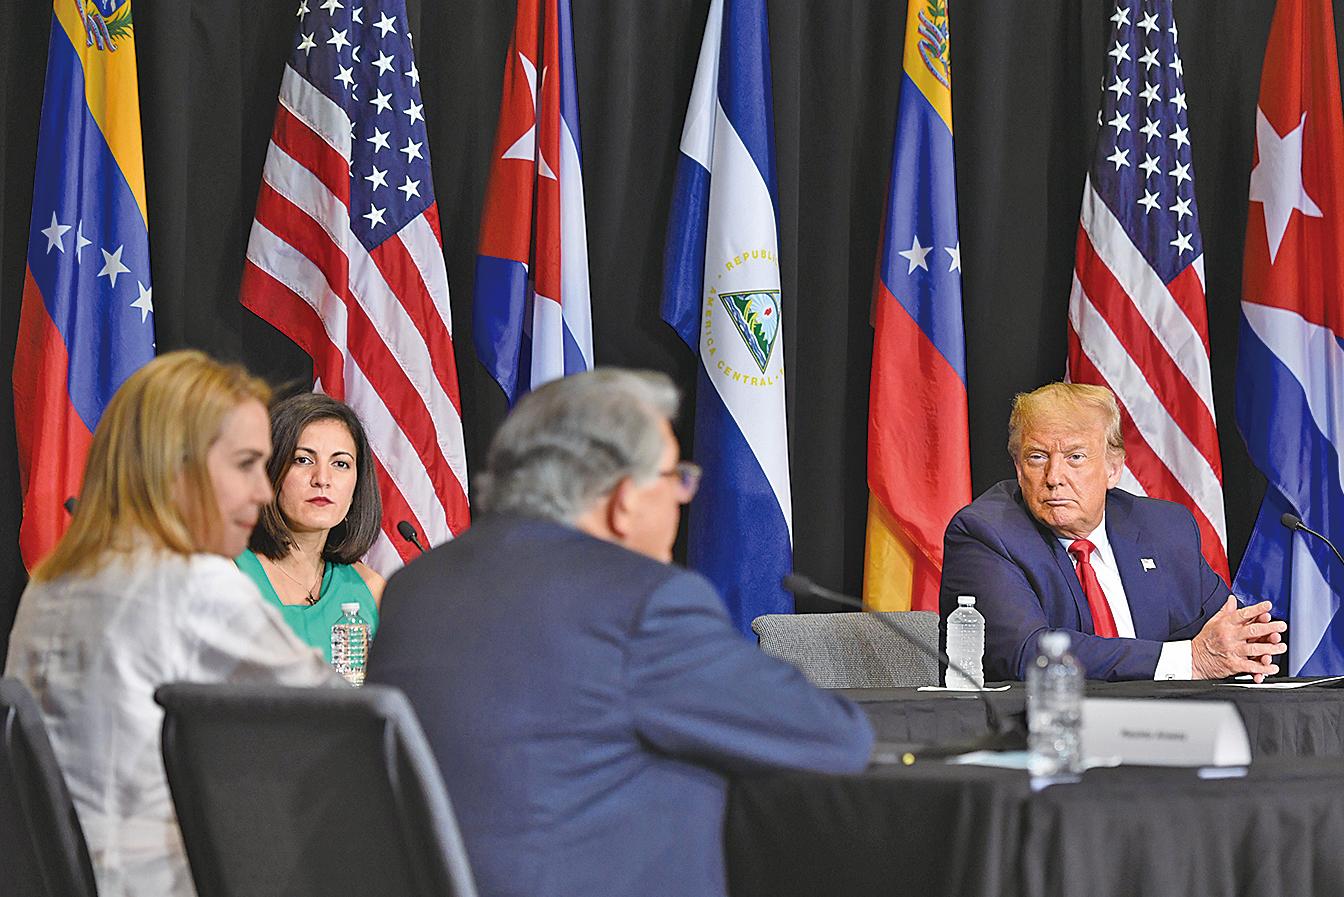 美國總統特朗普於7月10日,在佛羅里達州的伊格萊西亞多拉耶穌禮拜中心參與了委內瑞拉和古巴的社運人士們的圓桌會議。(AFP)